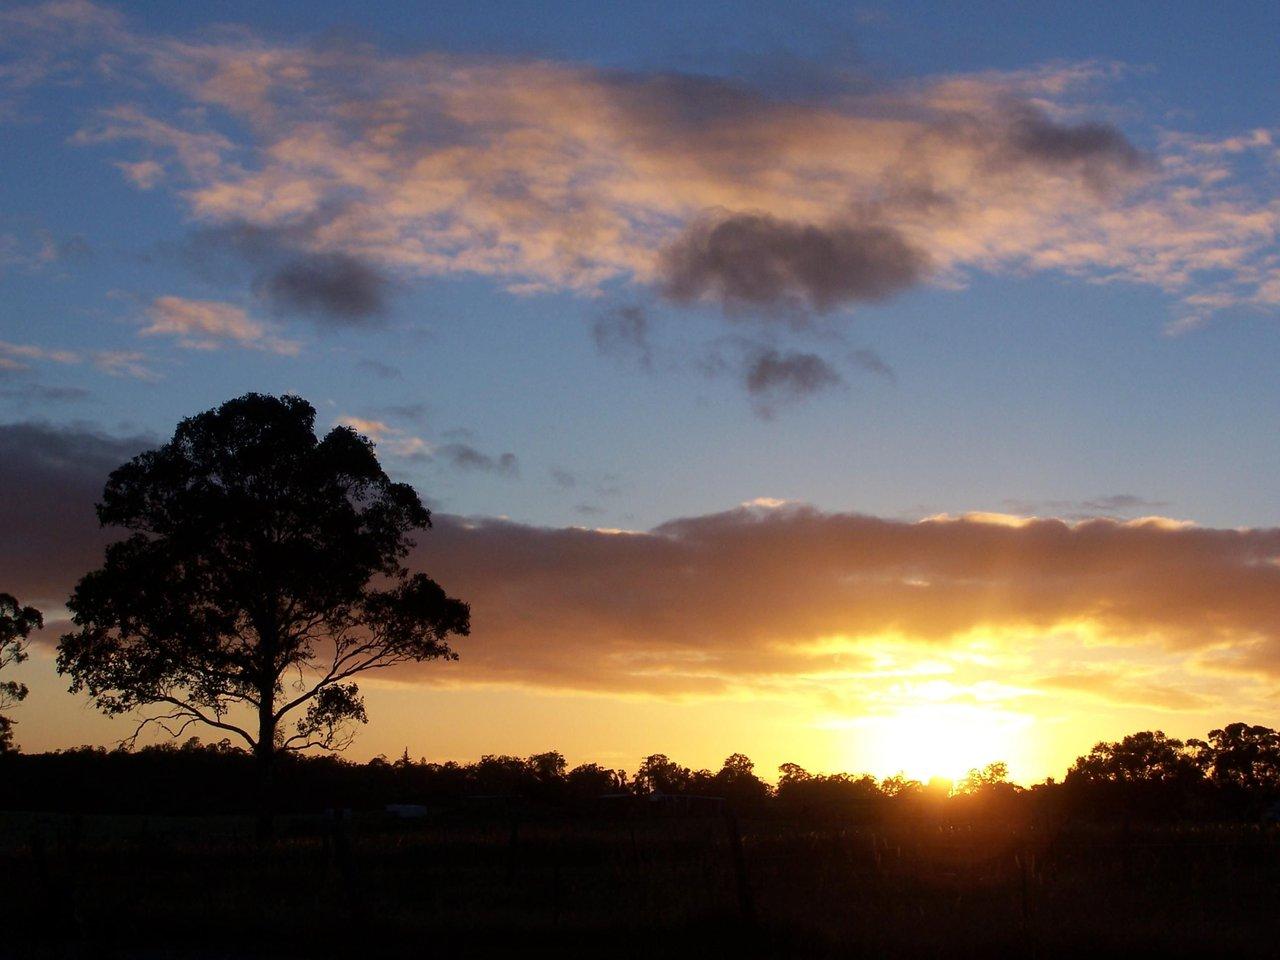 Tree_at_sunrise.jpg